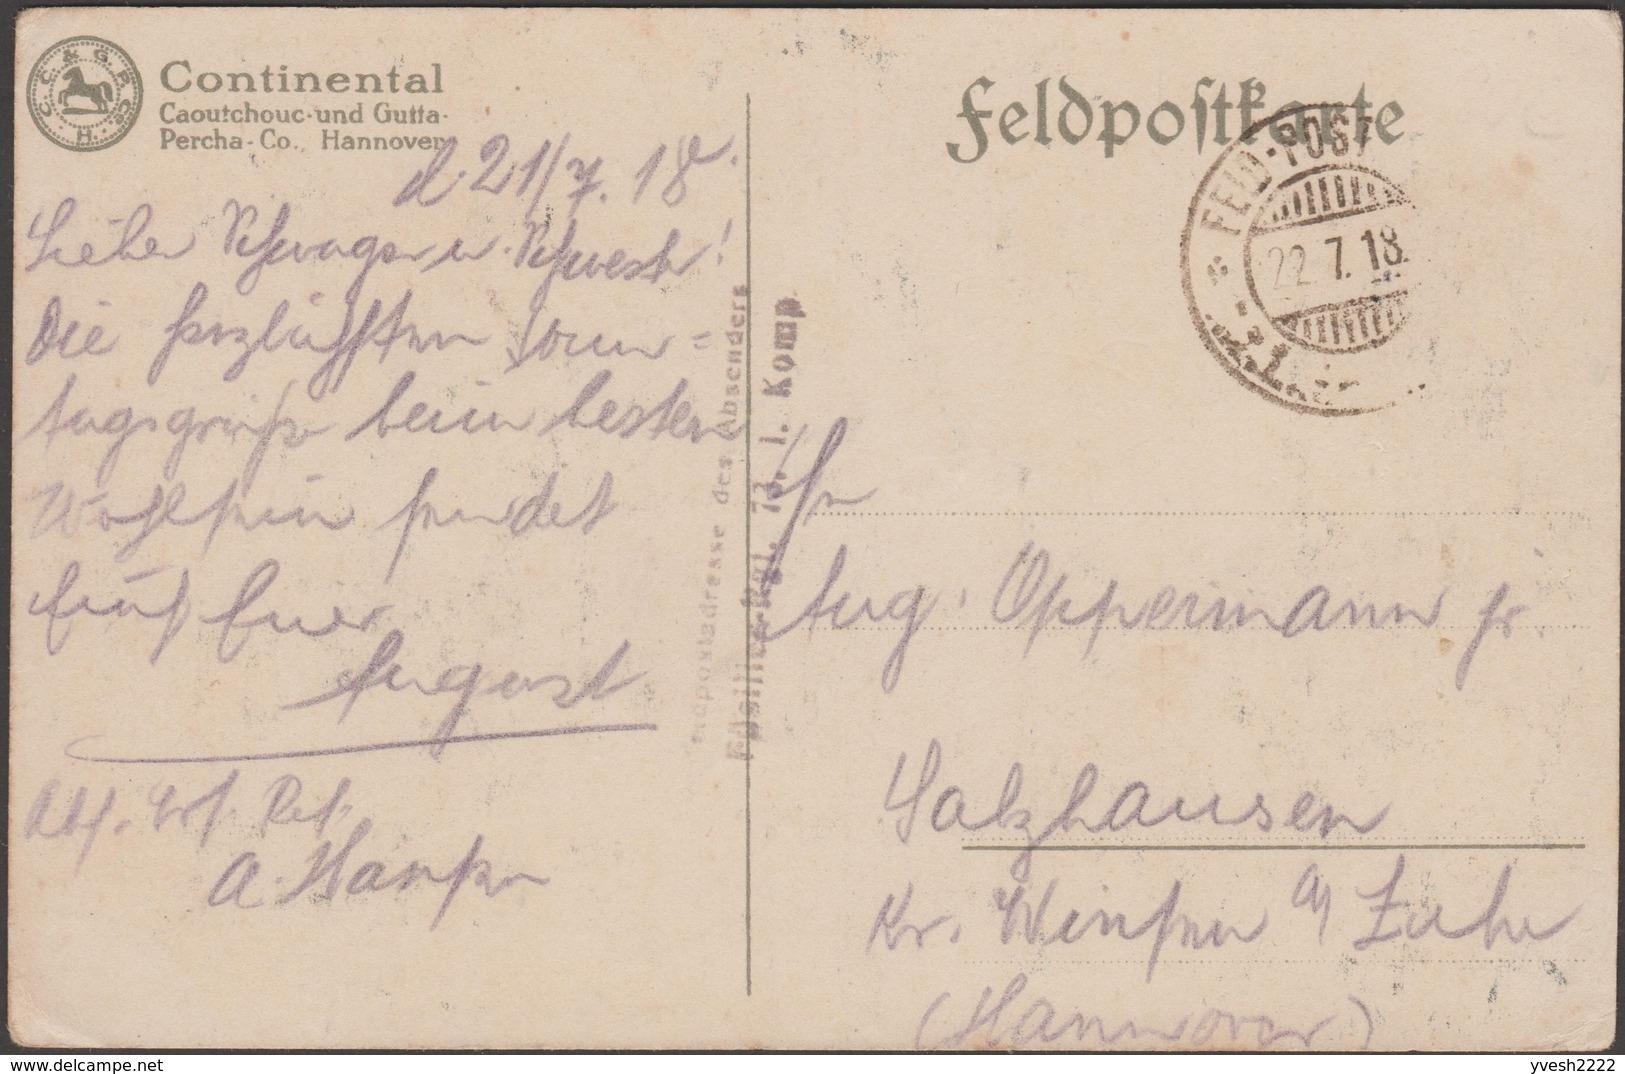 Allemagne 1917. Carte De Franchise Militaire. Bande Dessinée, Pneus Continental. Macaques, Rhinocéros, Singes - Rhinozerosse